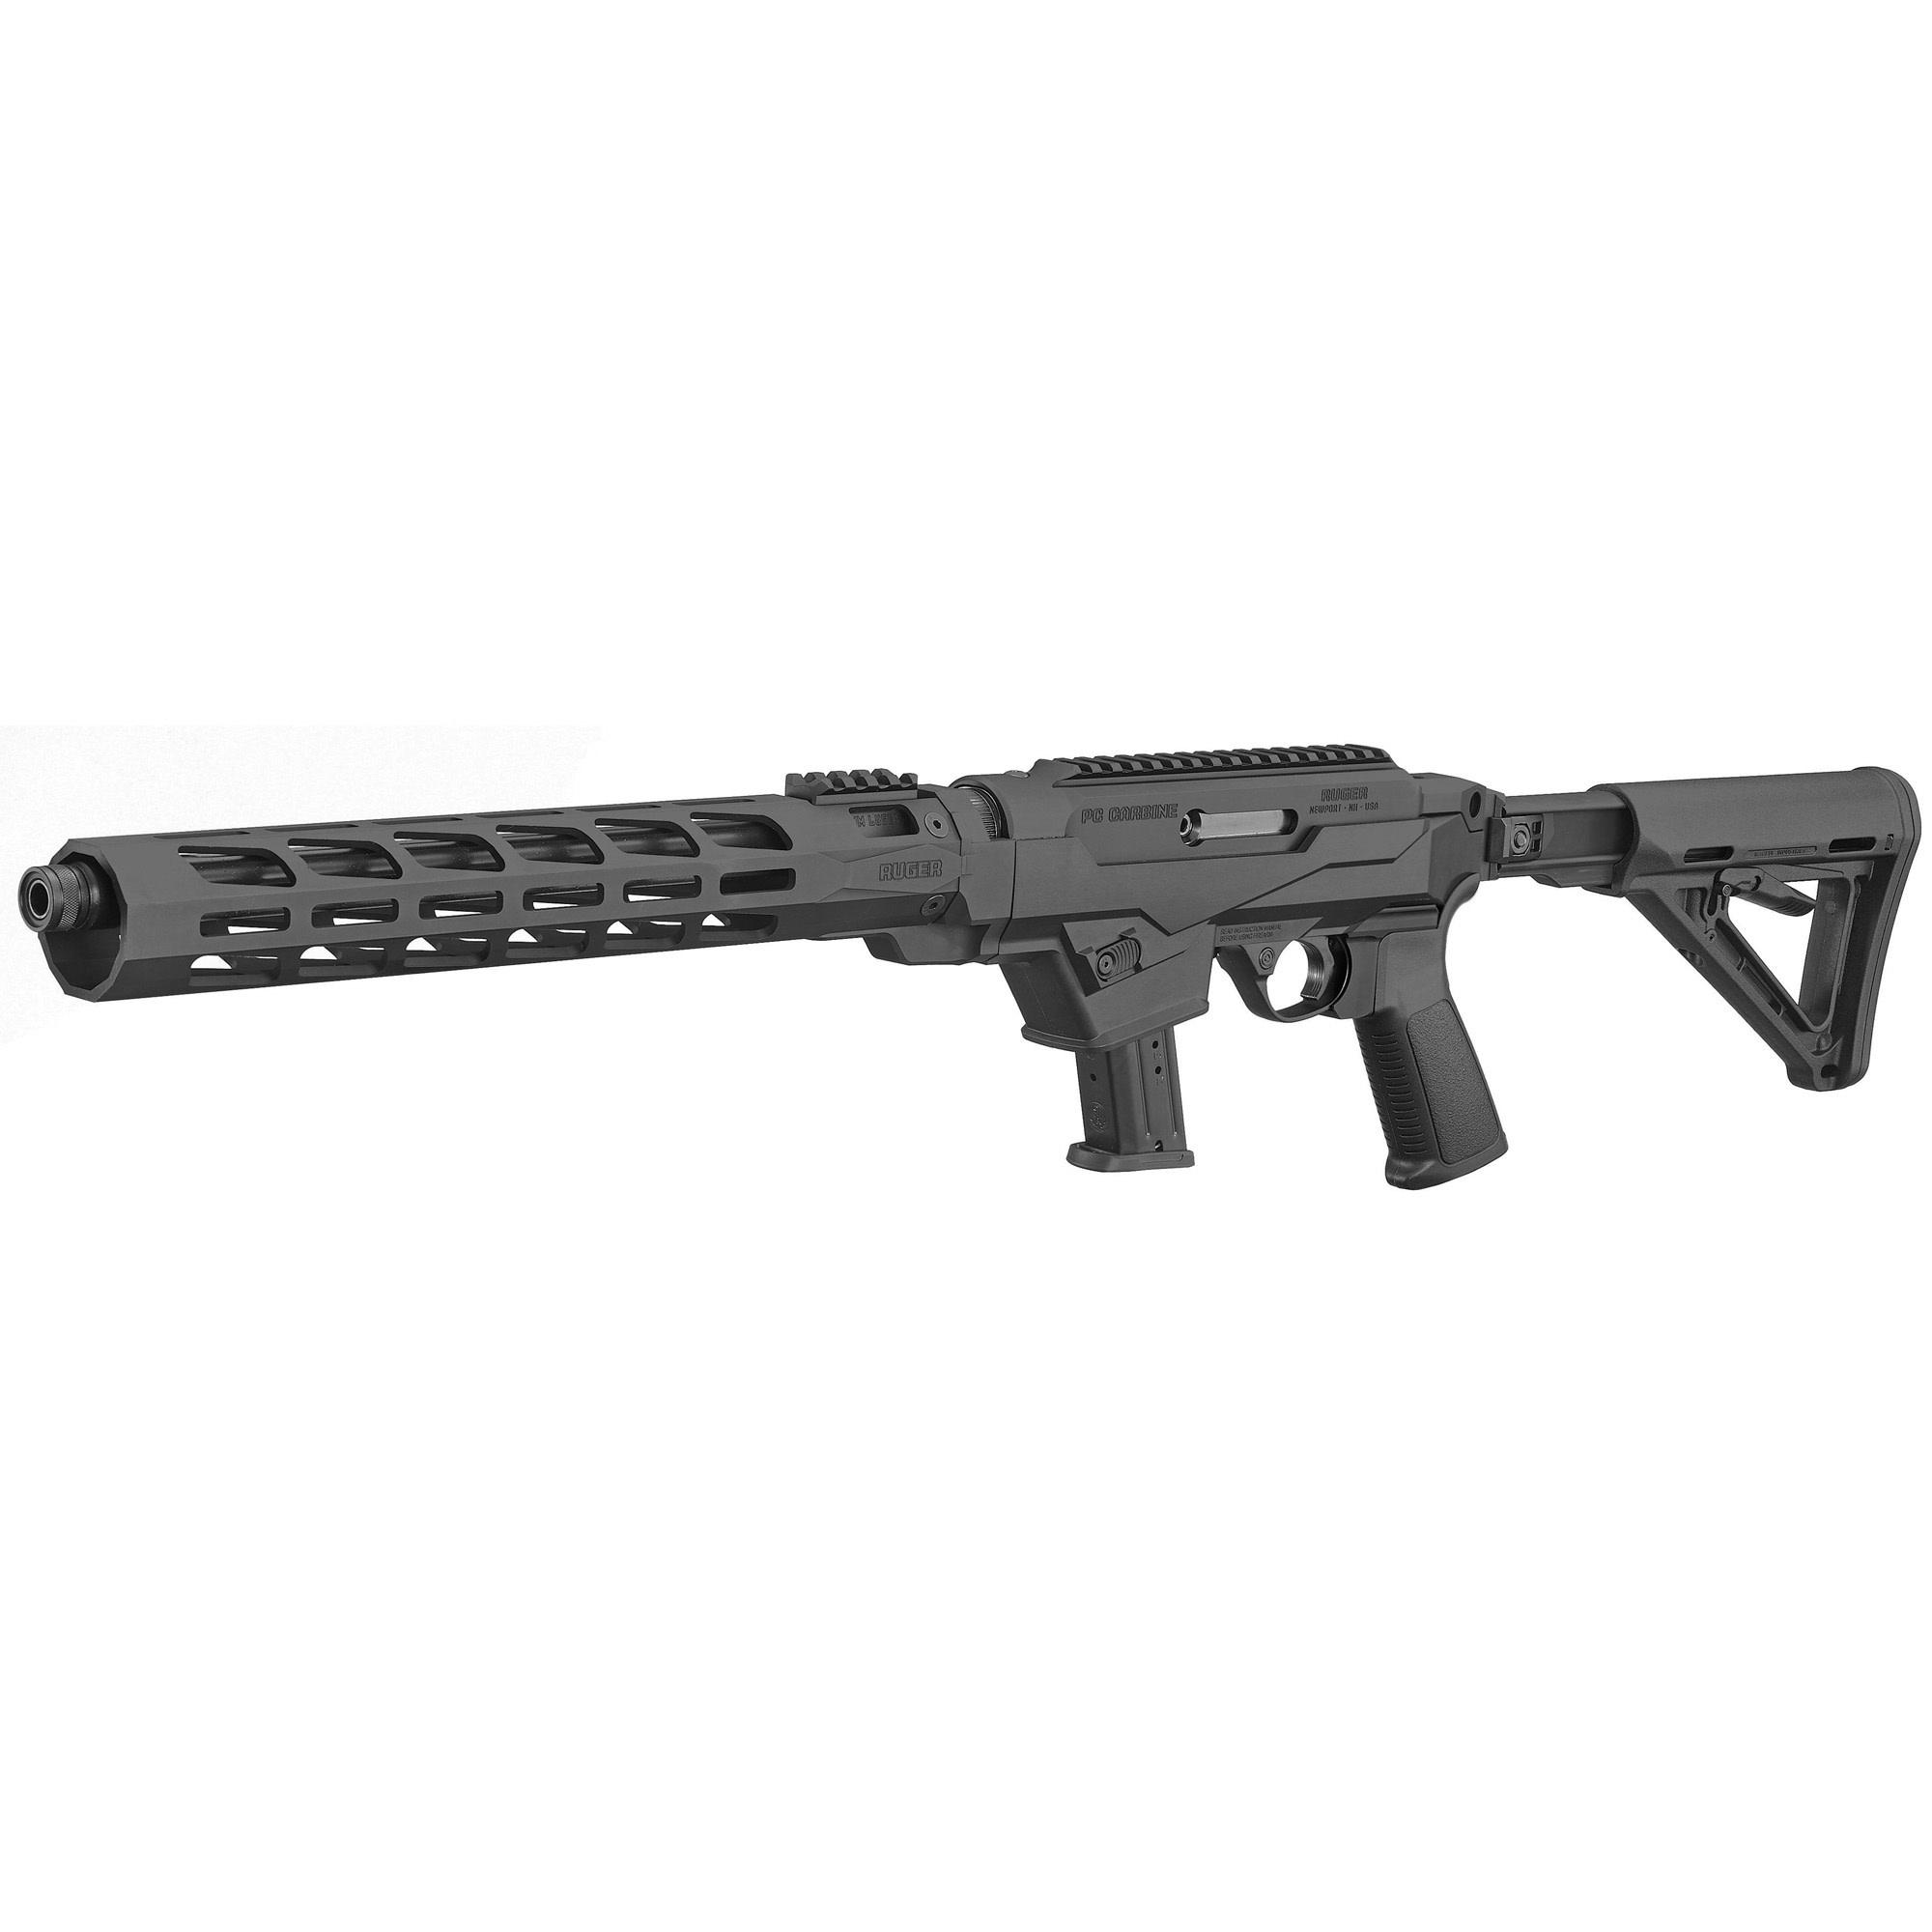 RUGER Ruger PC Carbine 9MM MLOK FREE FLOAT